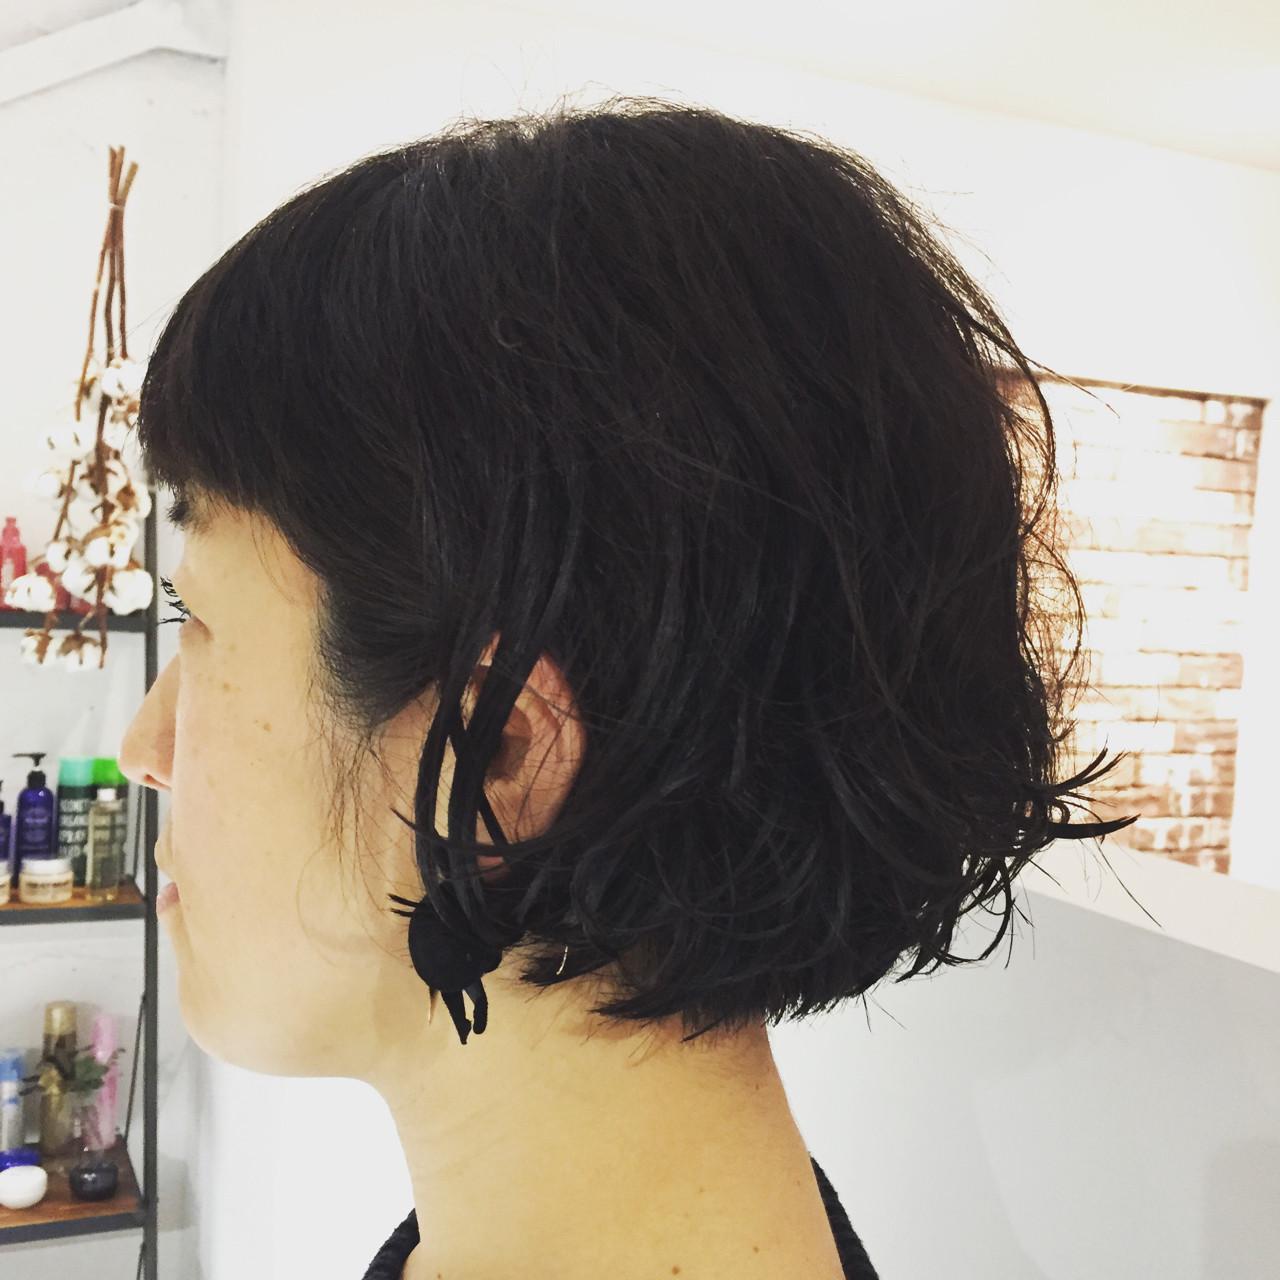 ラフ ボブ ふわふわ ウェーブ ヘアスタイルや髪型の写真・画像 | 根倉 聡 / +muutos (ムートス)